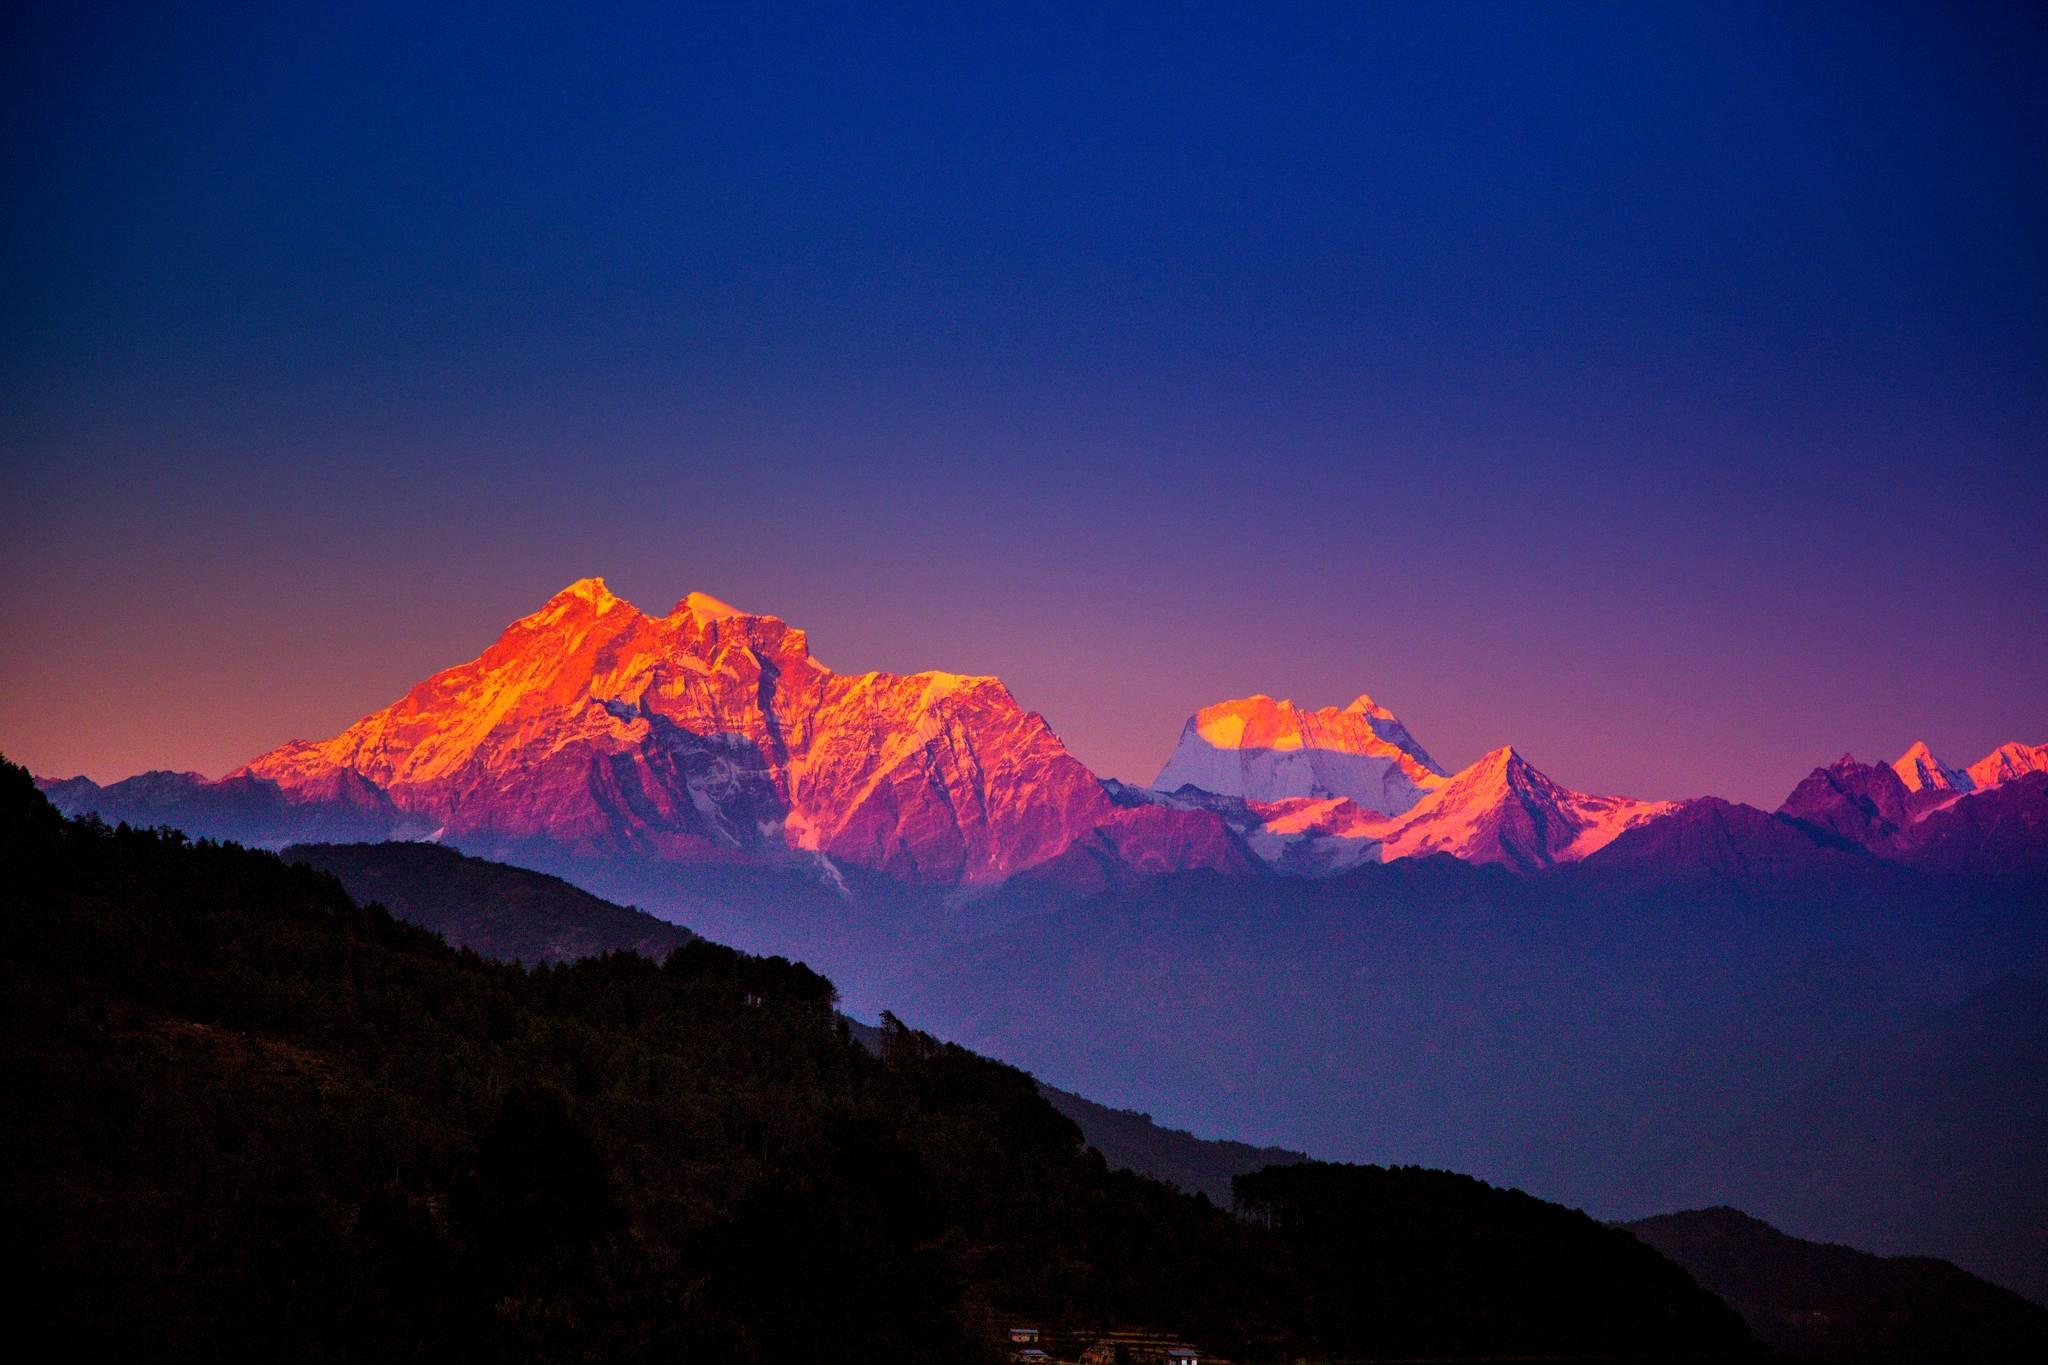 Himalayas Wallpapers 2048x1365